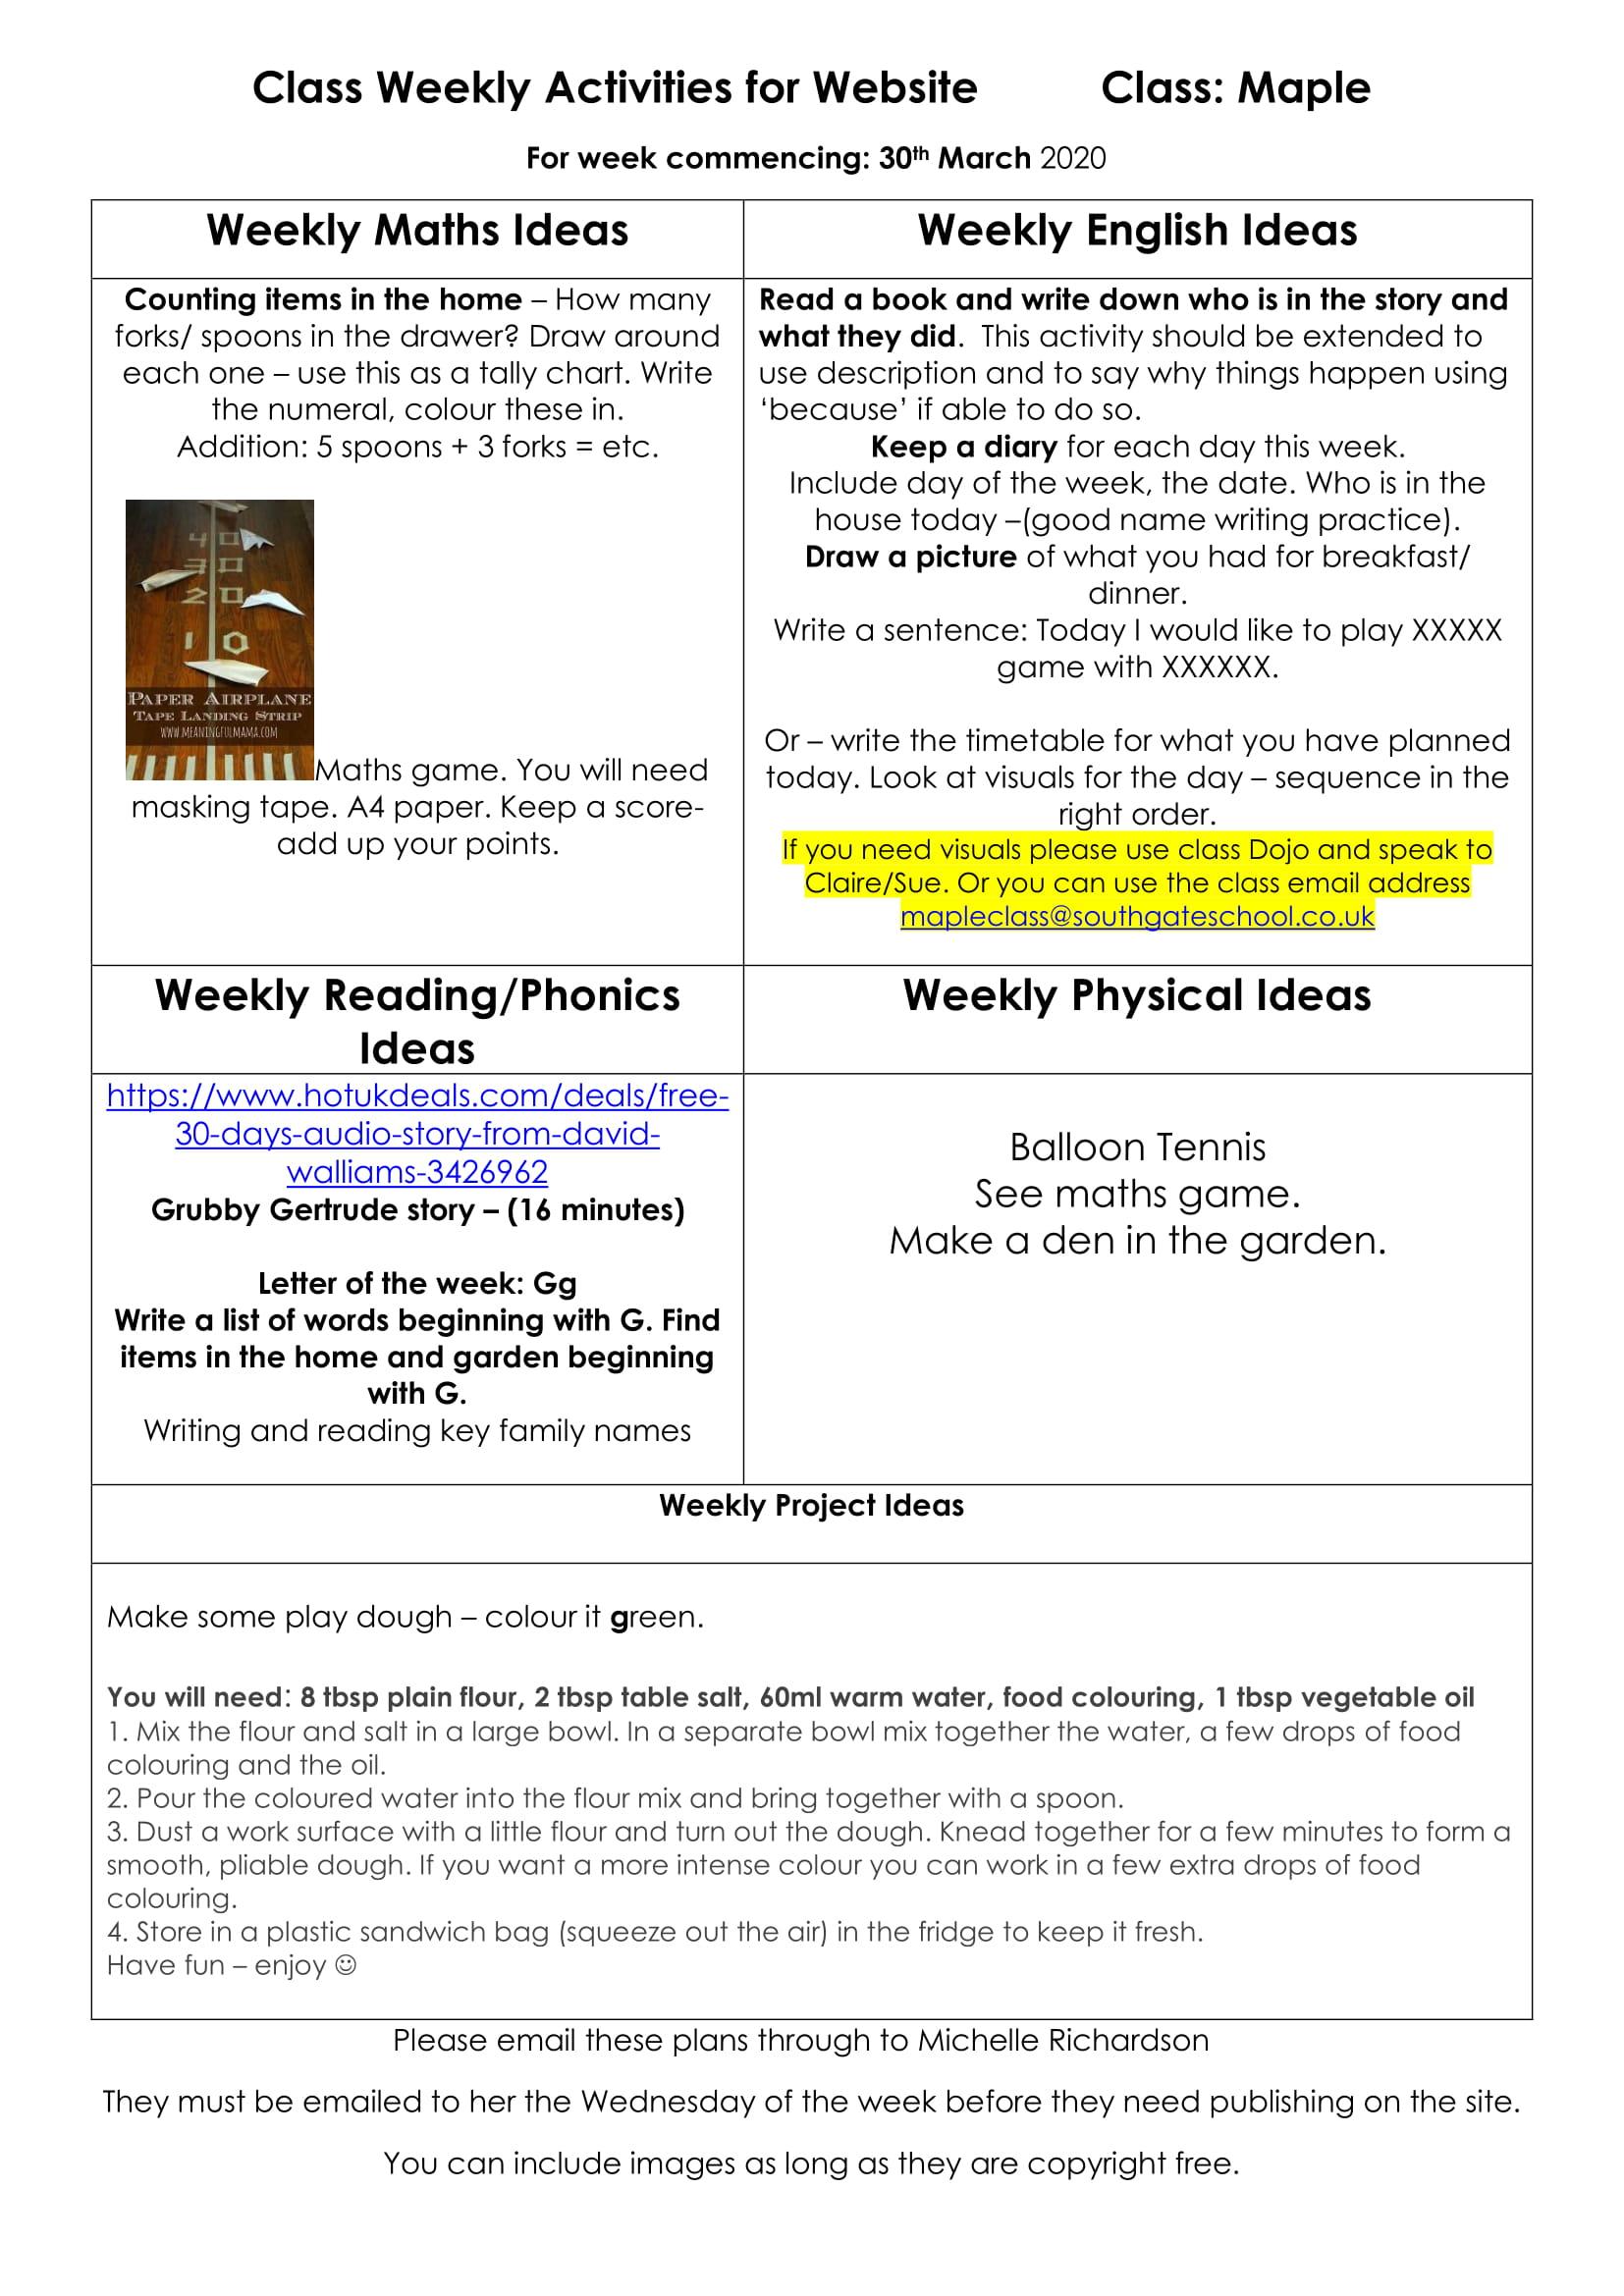 Class Weekly Activities for Website 1-1